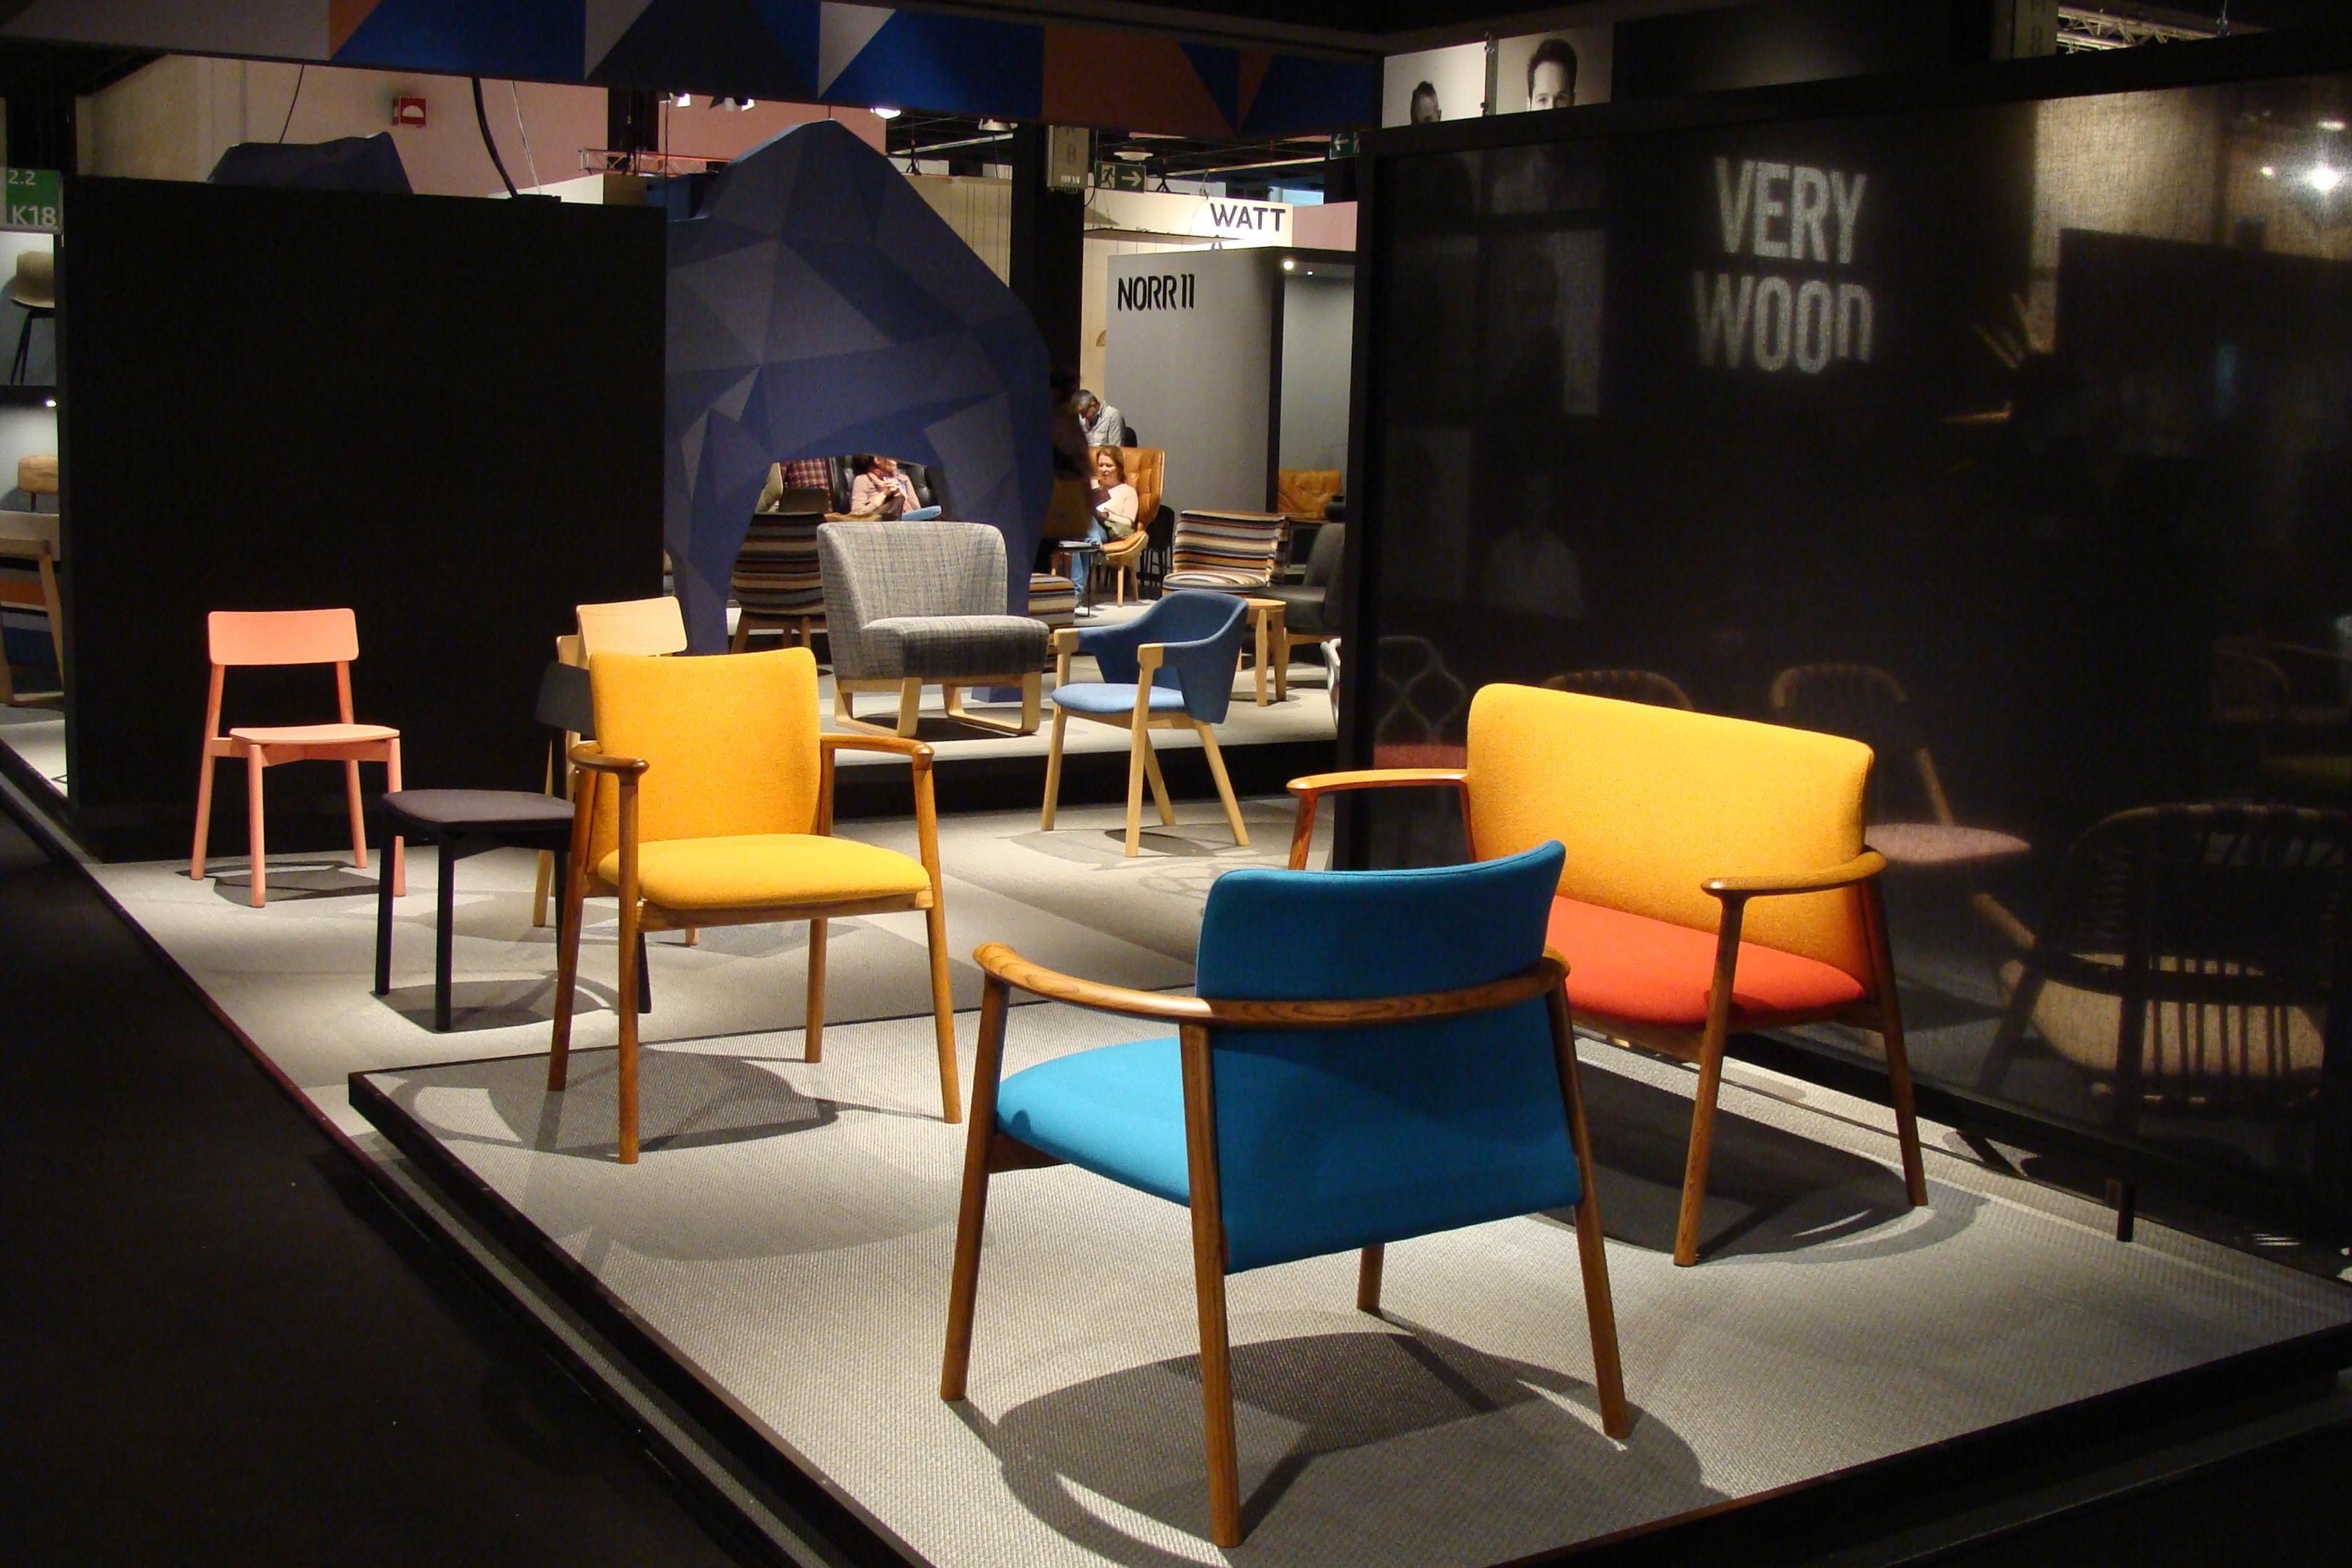 60er Jahre Farben Und Formen #60erjahre #retro #sessel #sofa ©Mareike Kühn